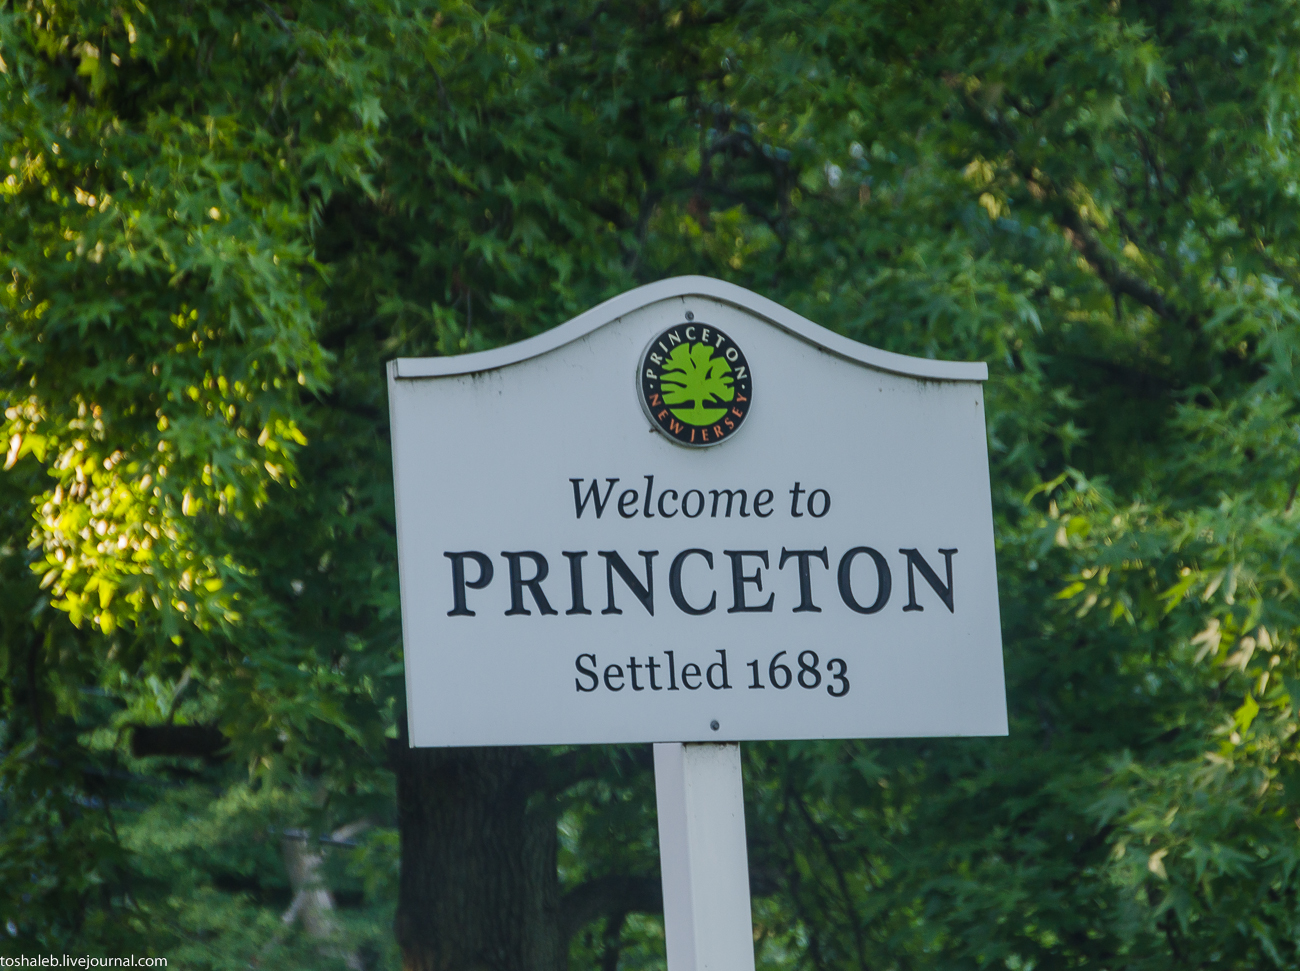 Принстон-1